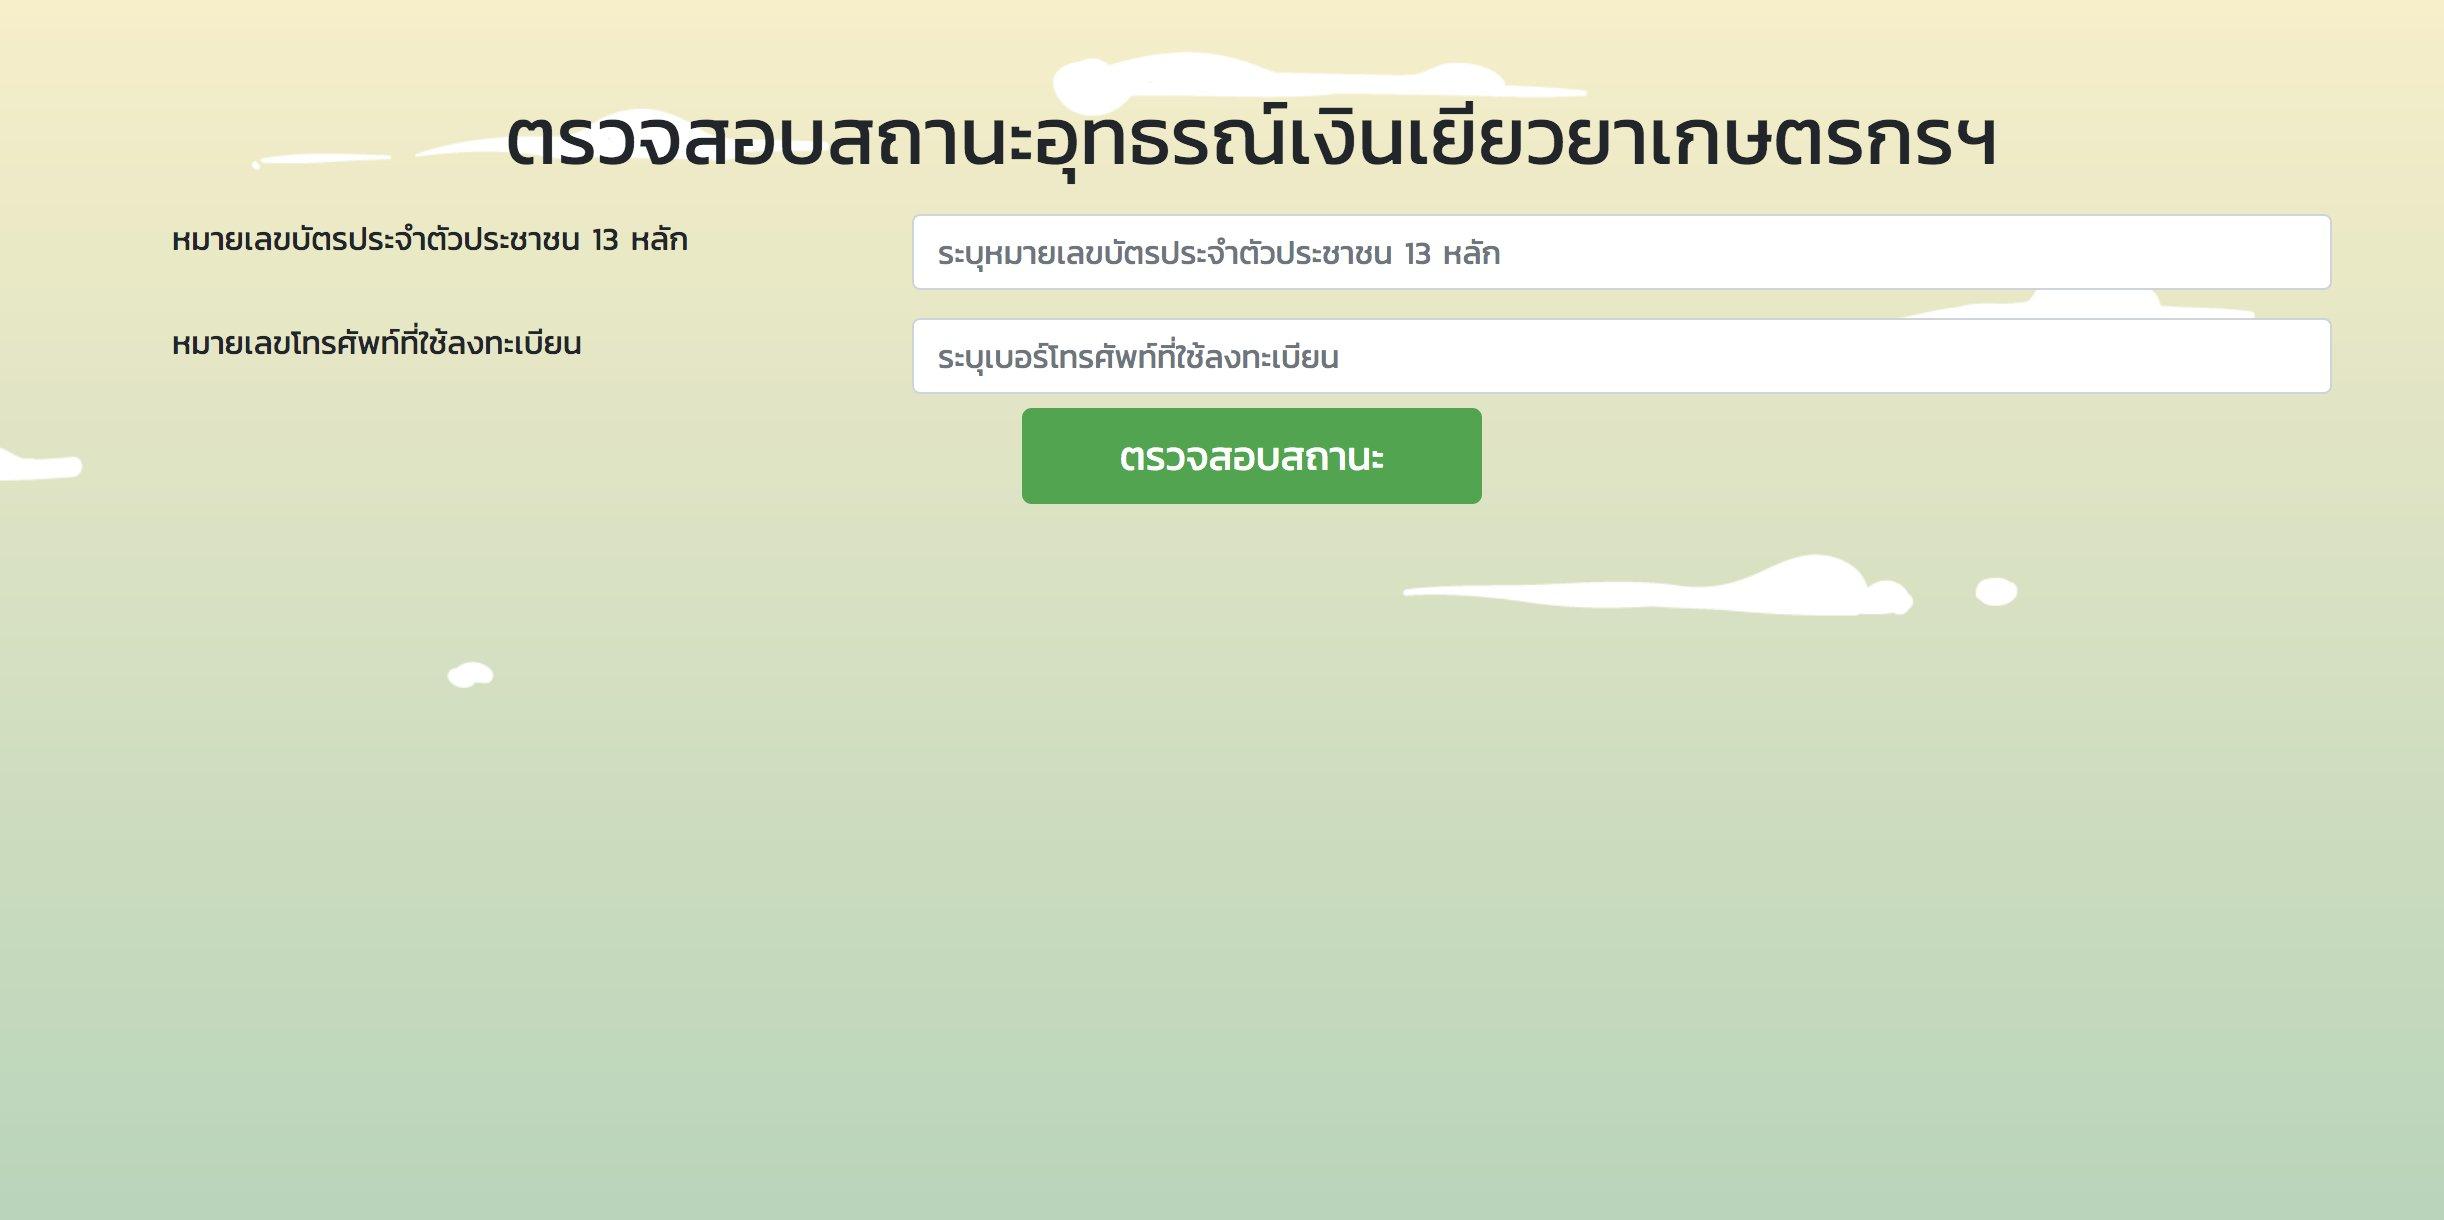 screenshot2563-05-19at2.3_1